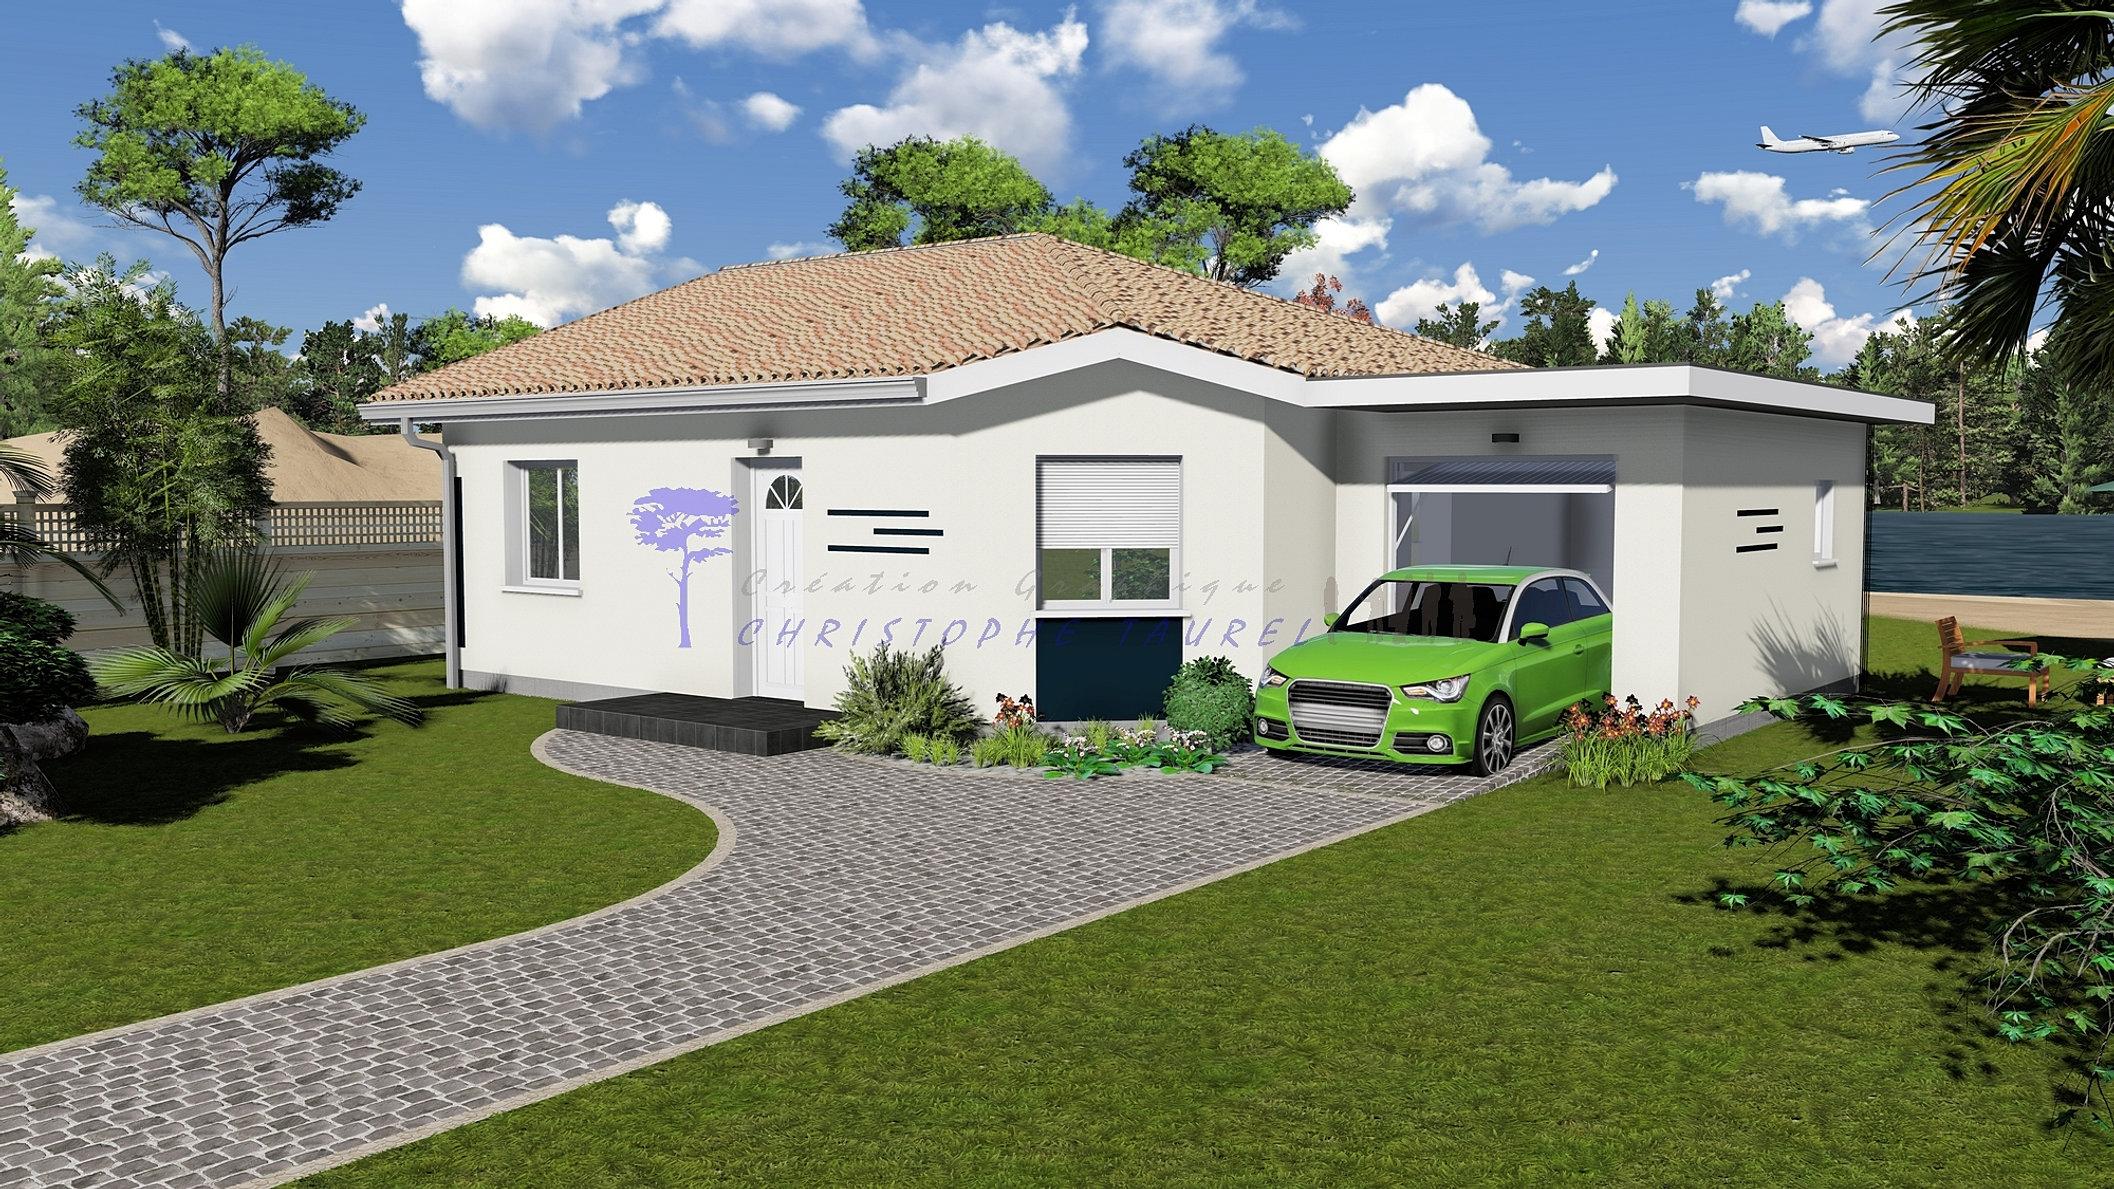 Constructeur parentis en born biscarrosse constructions for Constructeur maison 63 tarif